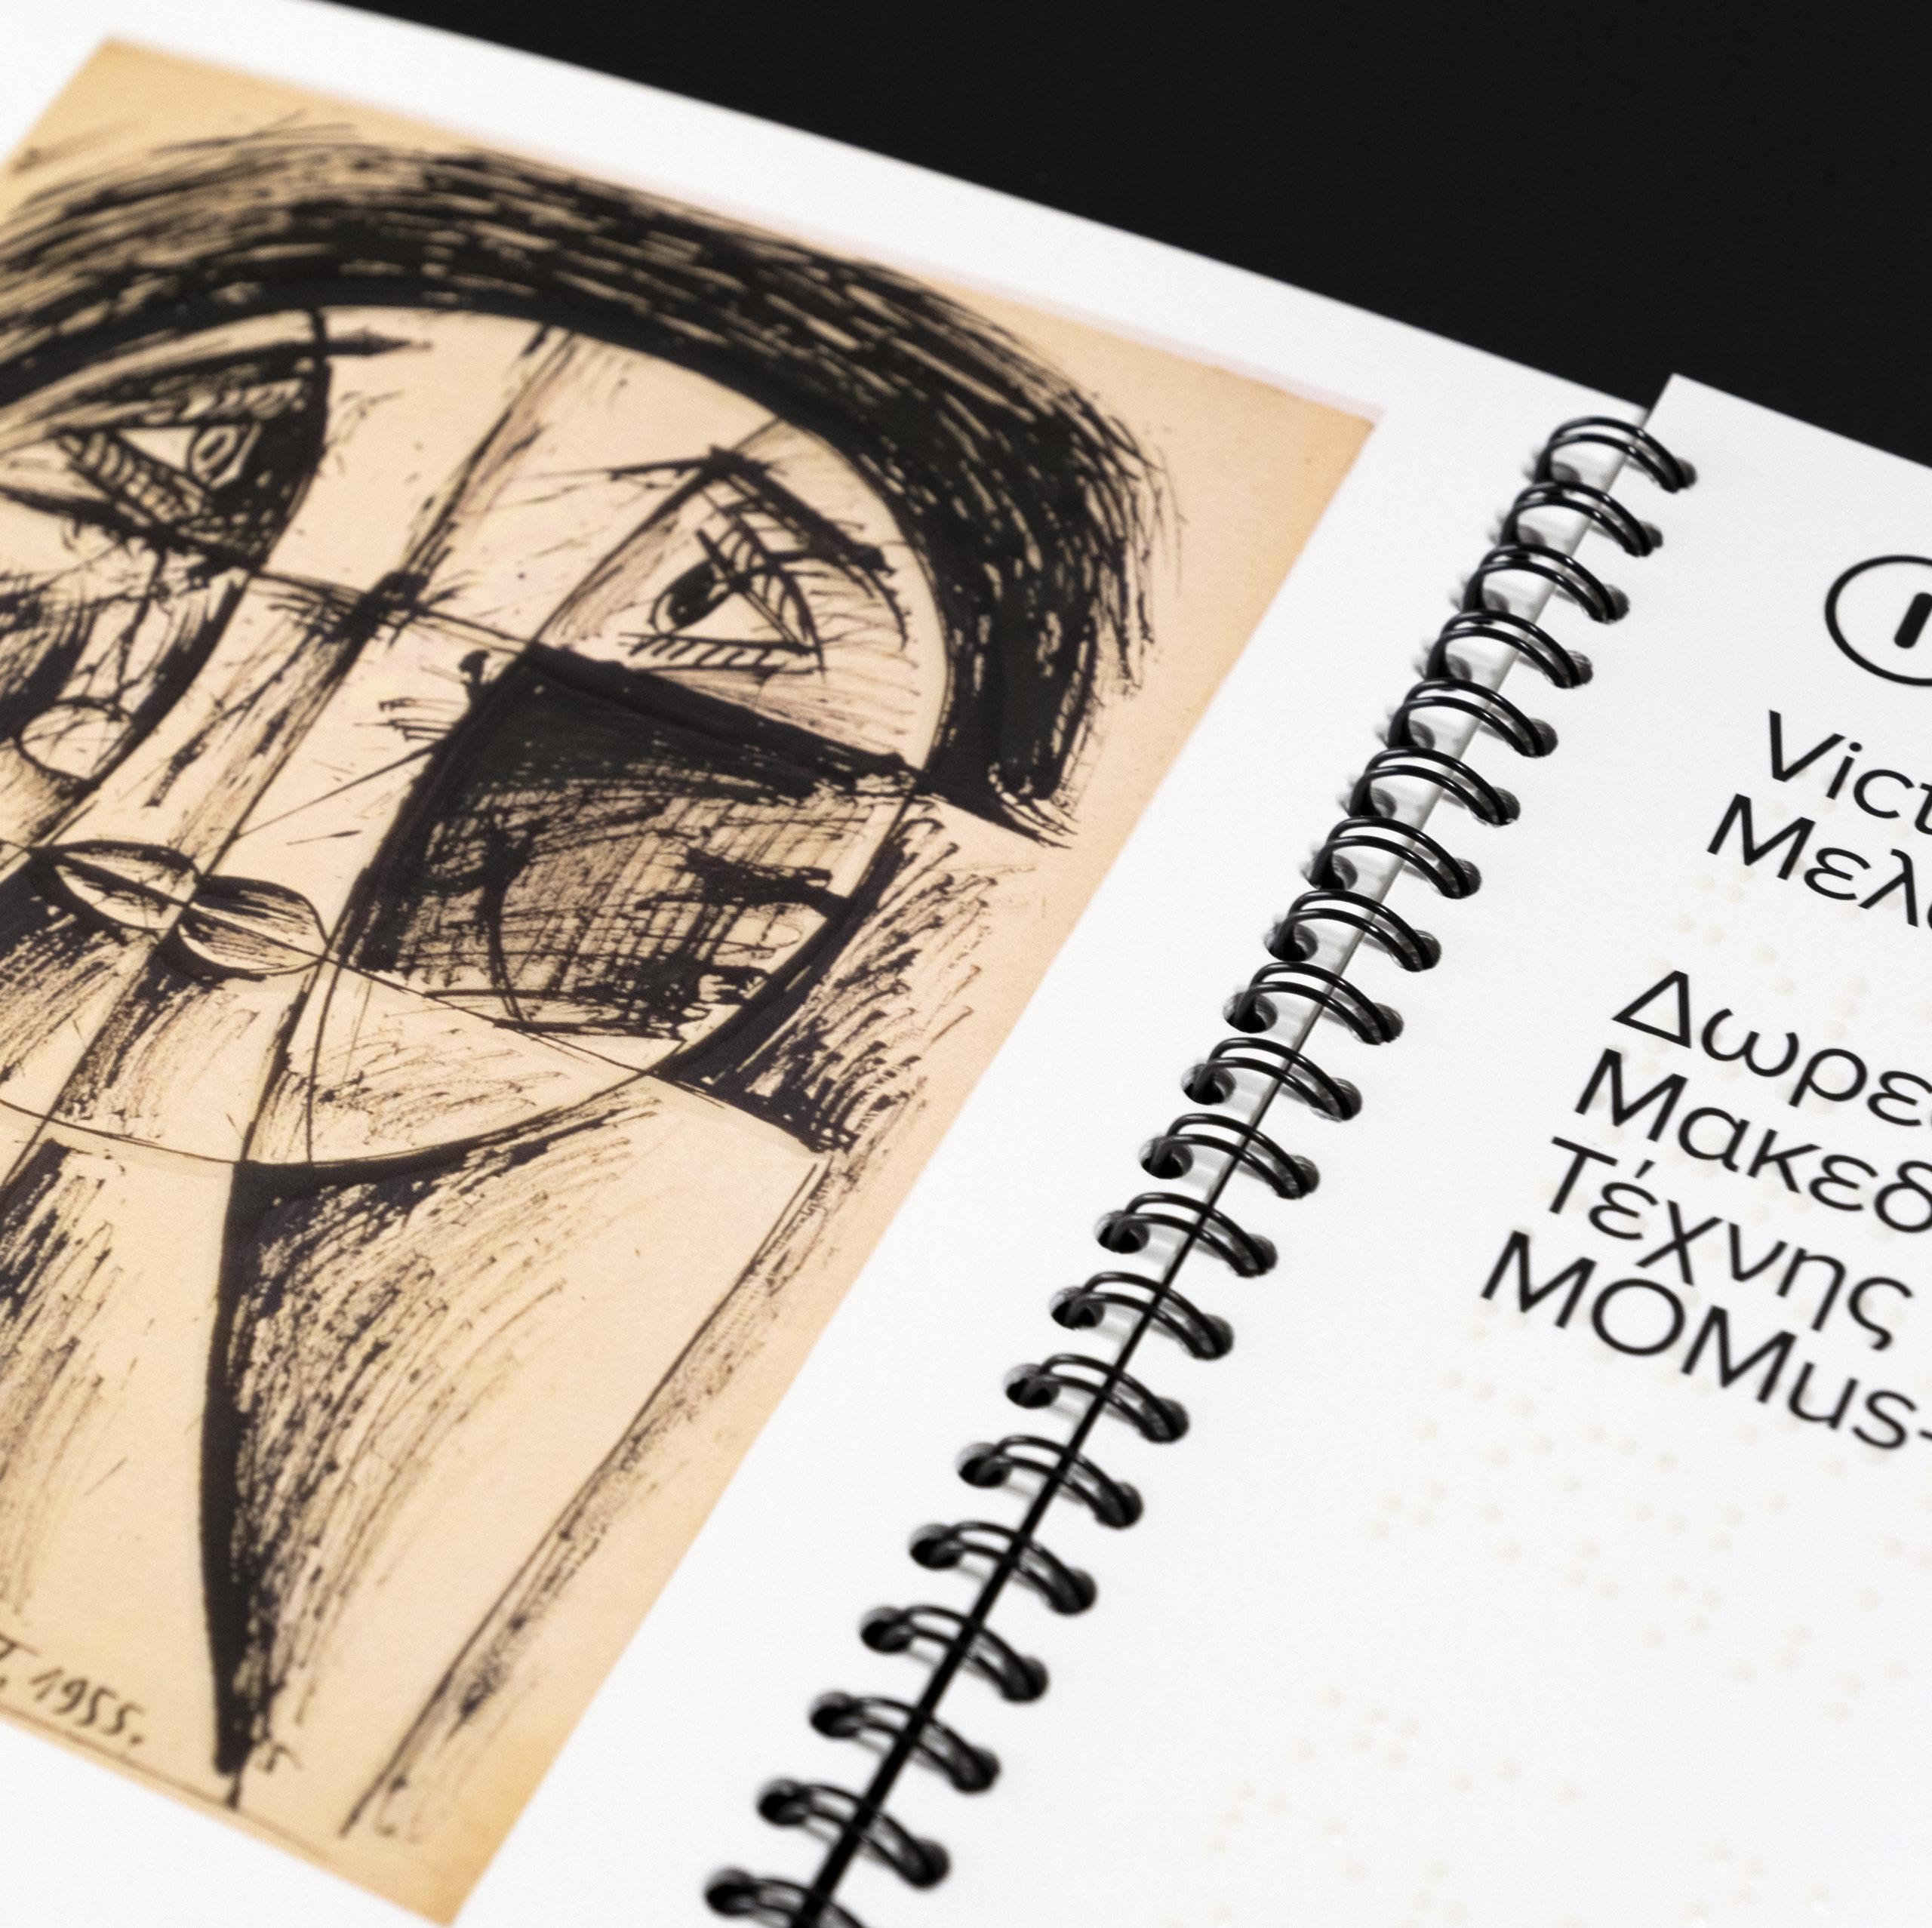 Έντυπος Συμπεριληπτικός Κατάλογος εφαρμογής του πιλοτικού προγράμματος MindsEye σε τμήμα του χώρου και της συλλογής του MOMus-Μουσείου Σύγχρονης Τέχνης. Ο κατάλογος φέρει πληροφορίες σχετικά με το πρόγραμμα σε ελληνική μεγαλογράμματη γραφή και τη μεταγραφή όλων των κειμένων που περιλαμβάνει σε ελληνική μπράιγ γραφή. Επιπλέον, οι εικόνες των έργων τέχνης περιλαμβάνουν επιλεγμένα στοιχεία σε ανάγλυφο ώστε να είναι προσβάσιμος από άτομα με οπτική αναπηρία, με τη δυνατότητα ακουστικής περιγραφής σκανάροντας τον ανάγλυφο QR κωδικό που είναι κάτω δεξιά στη σελίδα του κάθε έργου τέχνης. Στην εικόνα εμφανίζεται ανάγλυφη εικόνα του έργου Σύνθεση του καλλιτέχνη Βίκτωρ Μπράουνερ.